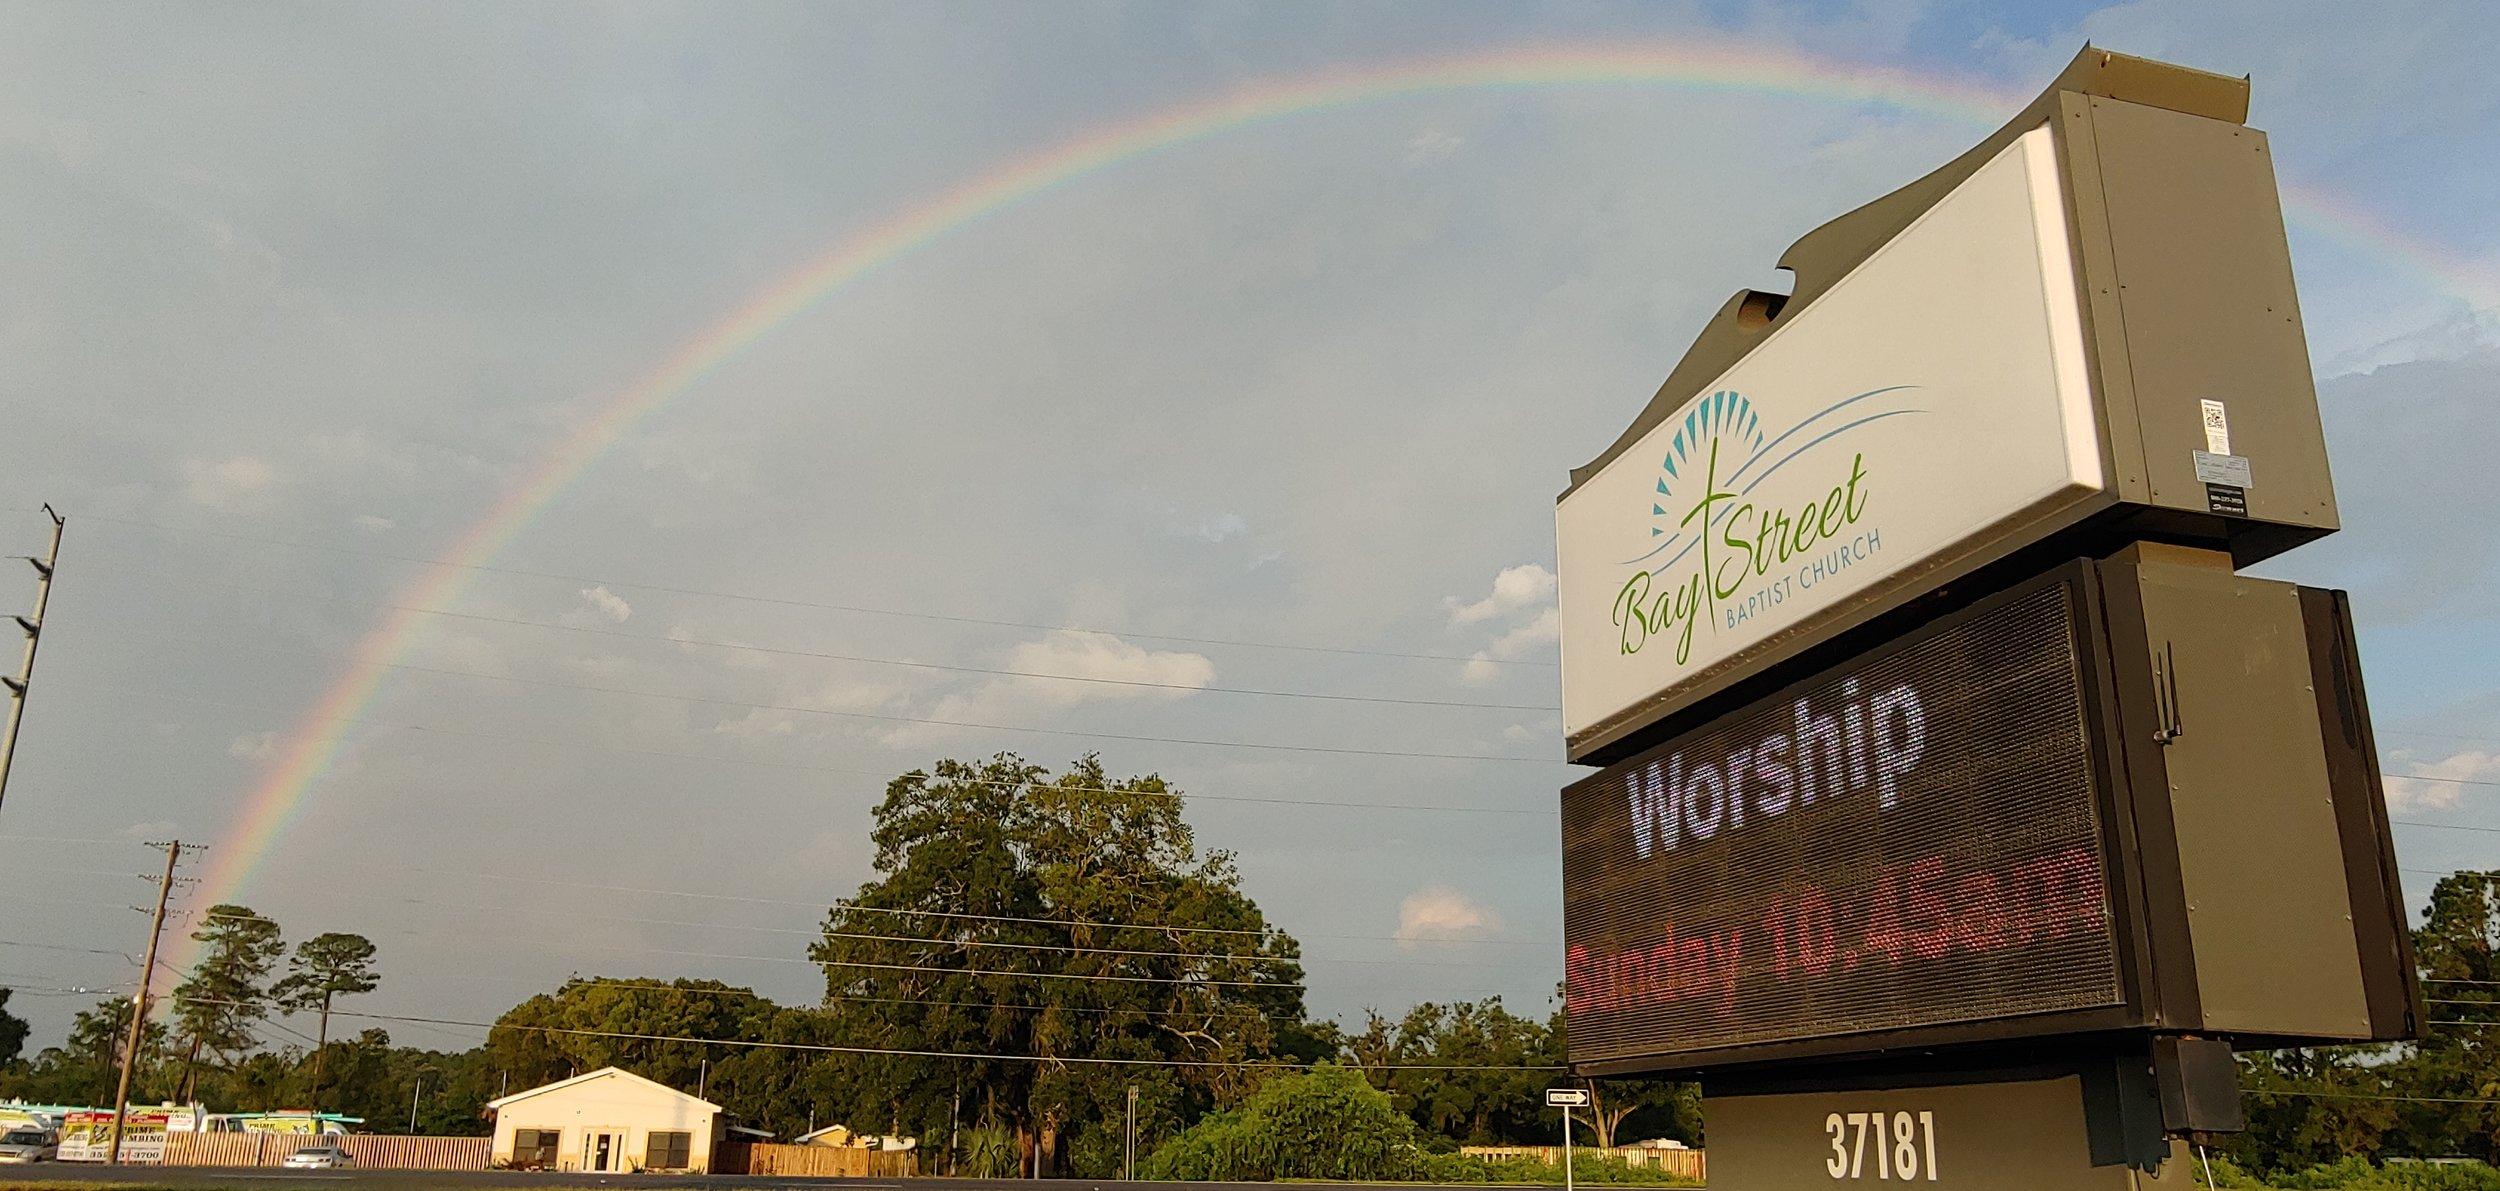 BSBC Rainbow.jpg